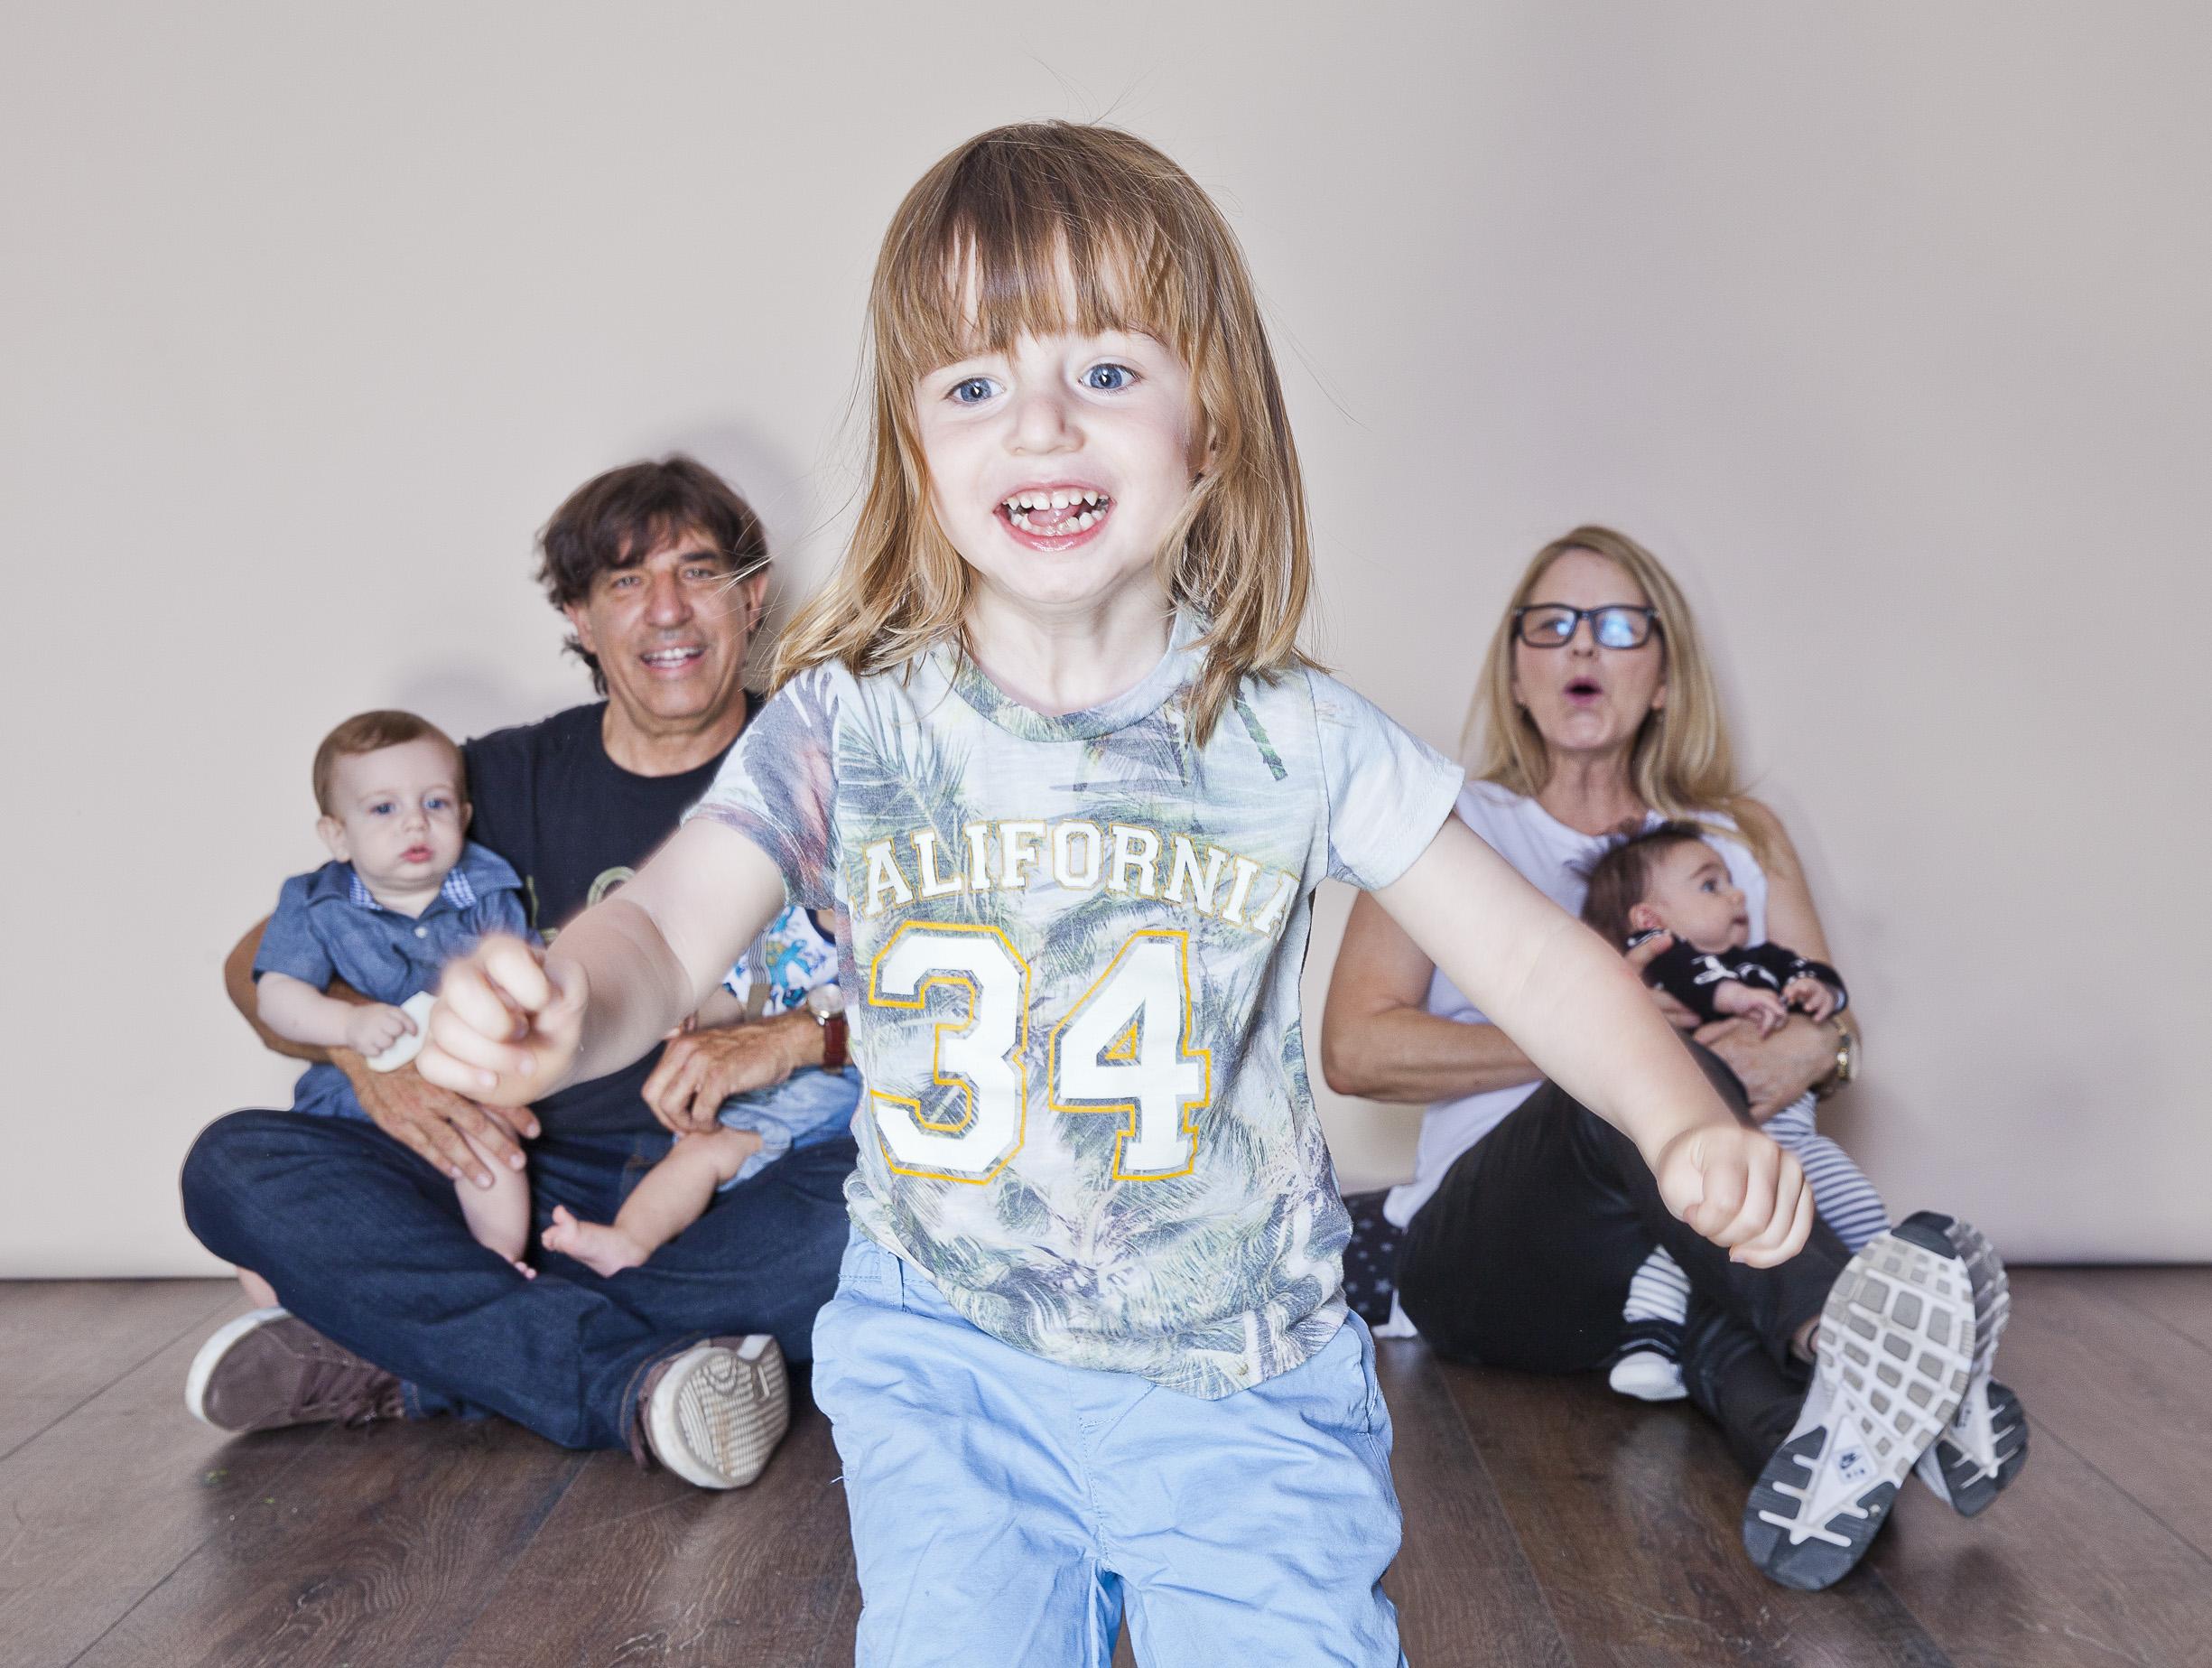 דיוקן משפחה ,בסטודיו לצילום